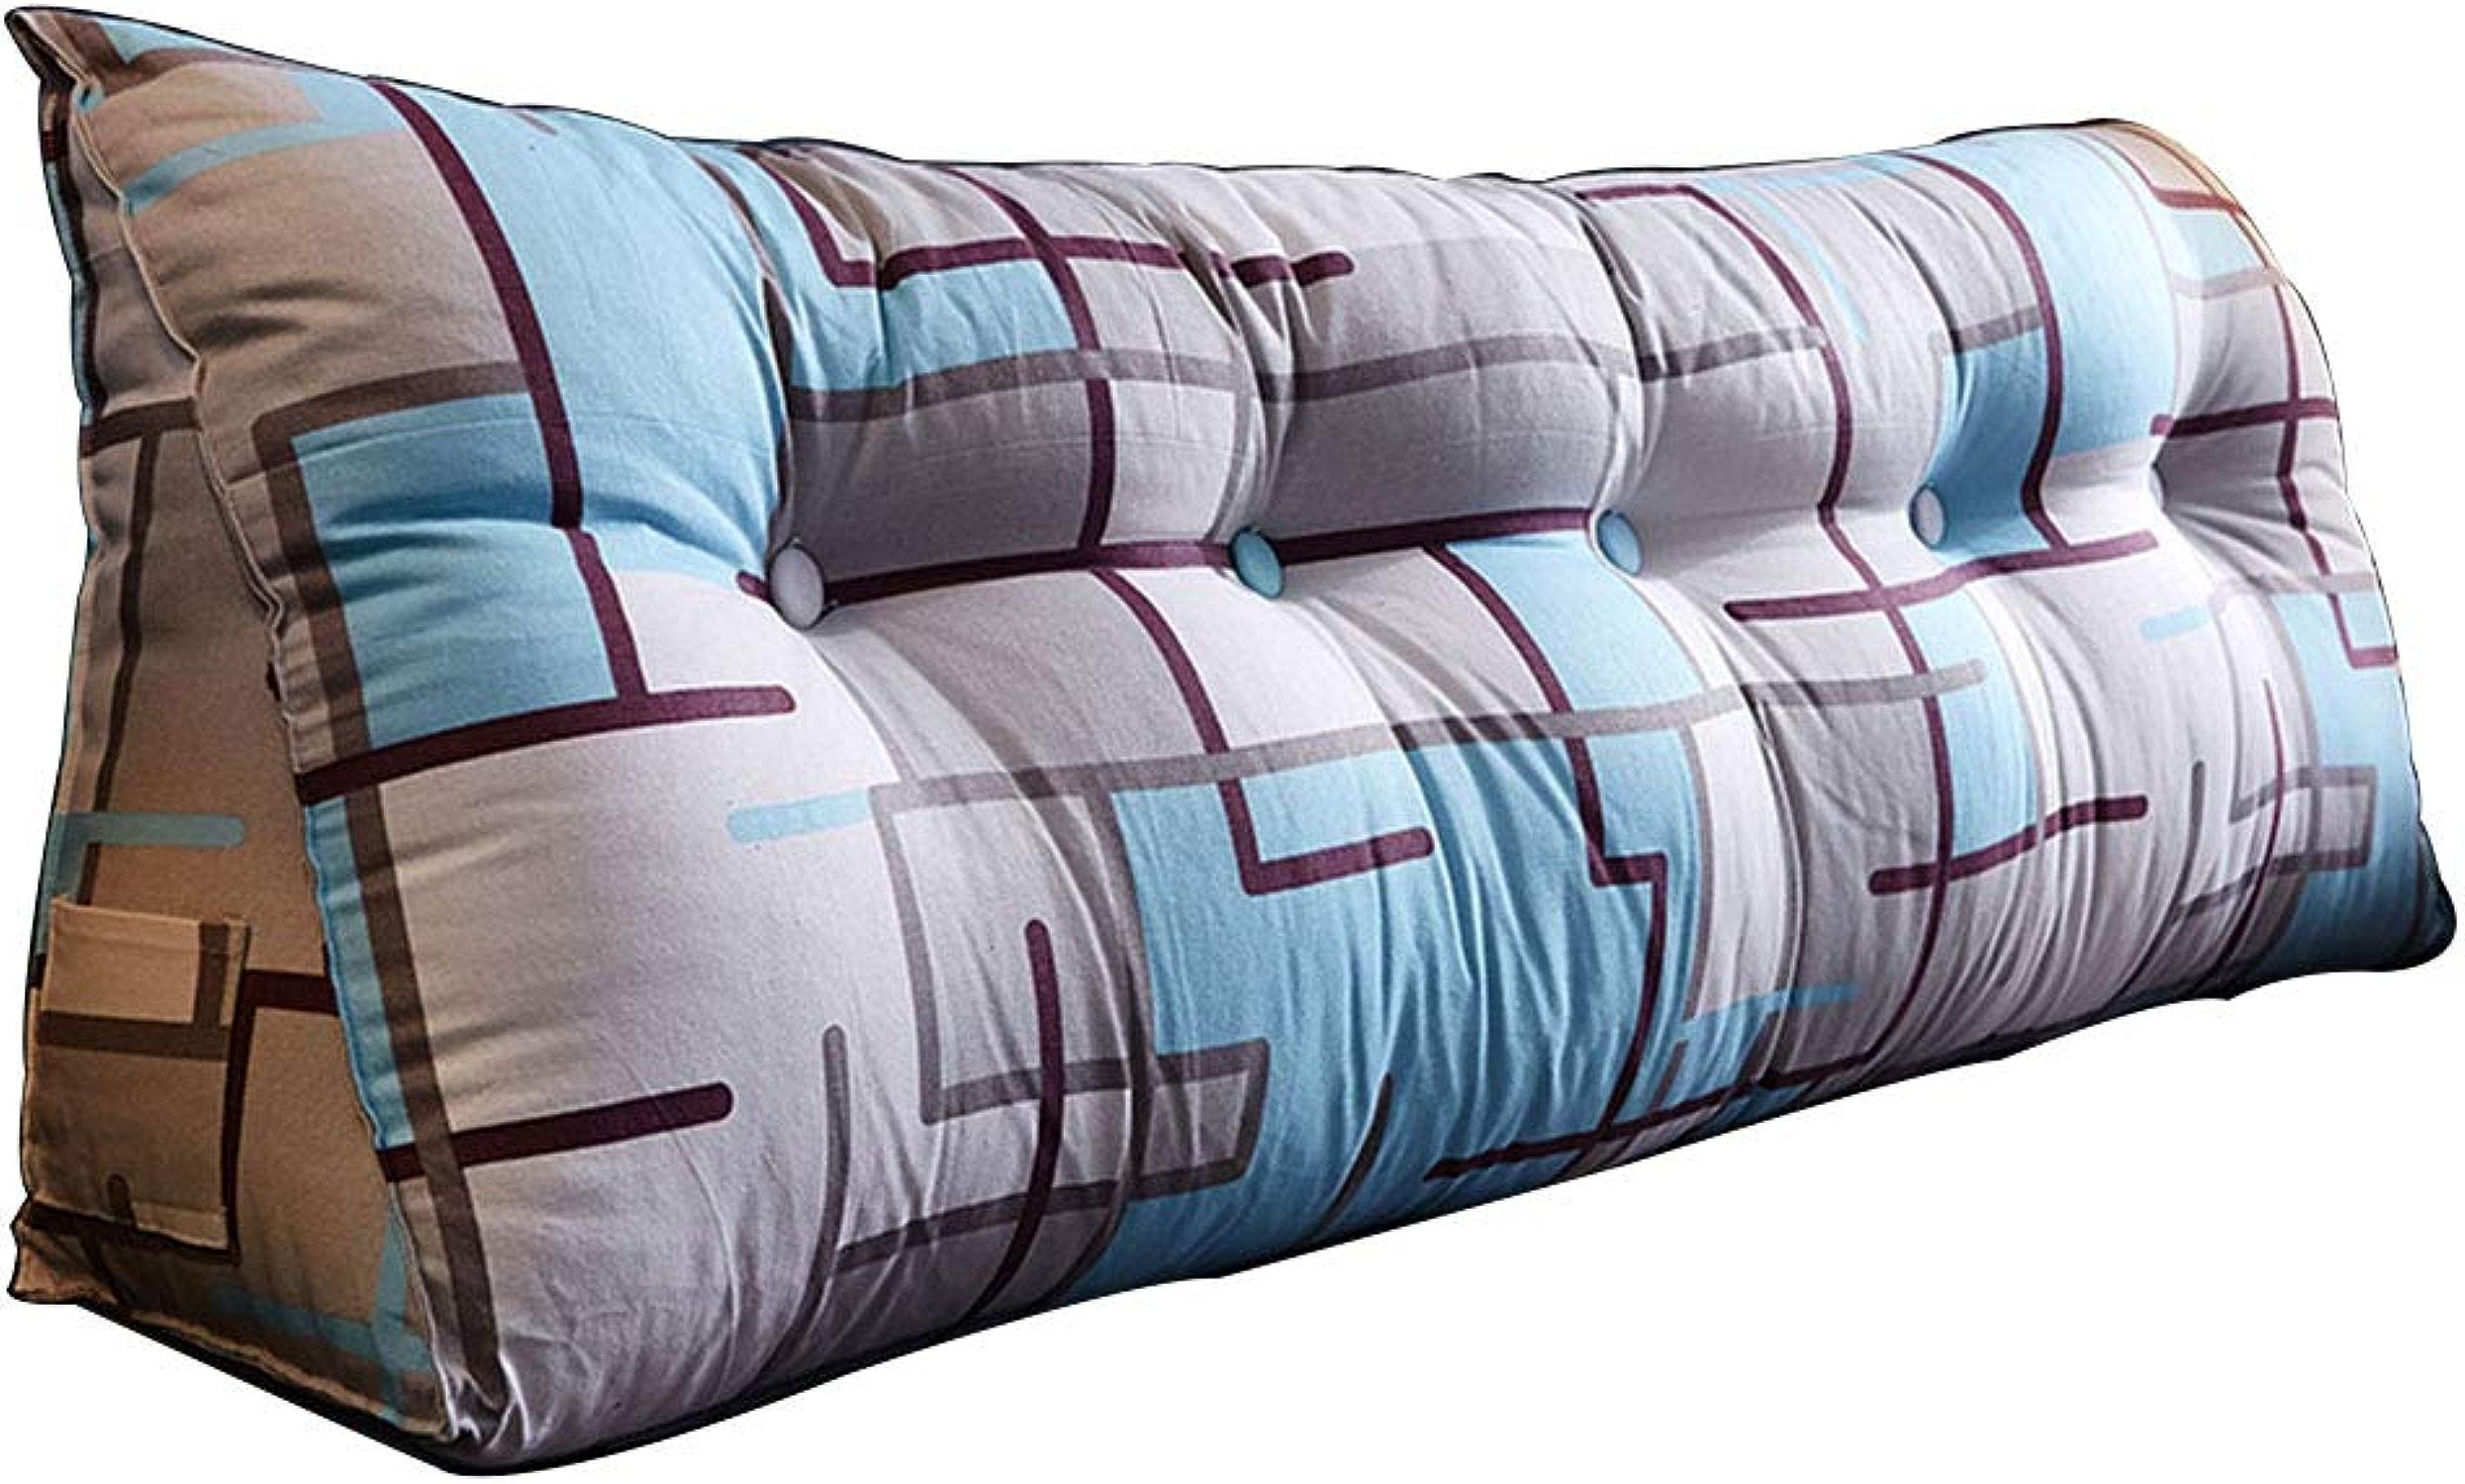 SACYSAC Tête de lit Grand Coussin Long Oreiller Sac Doux Double Taille Grand Dossier,Parquet,90  23  45cm